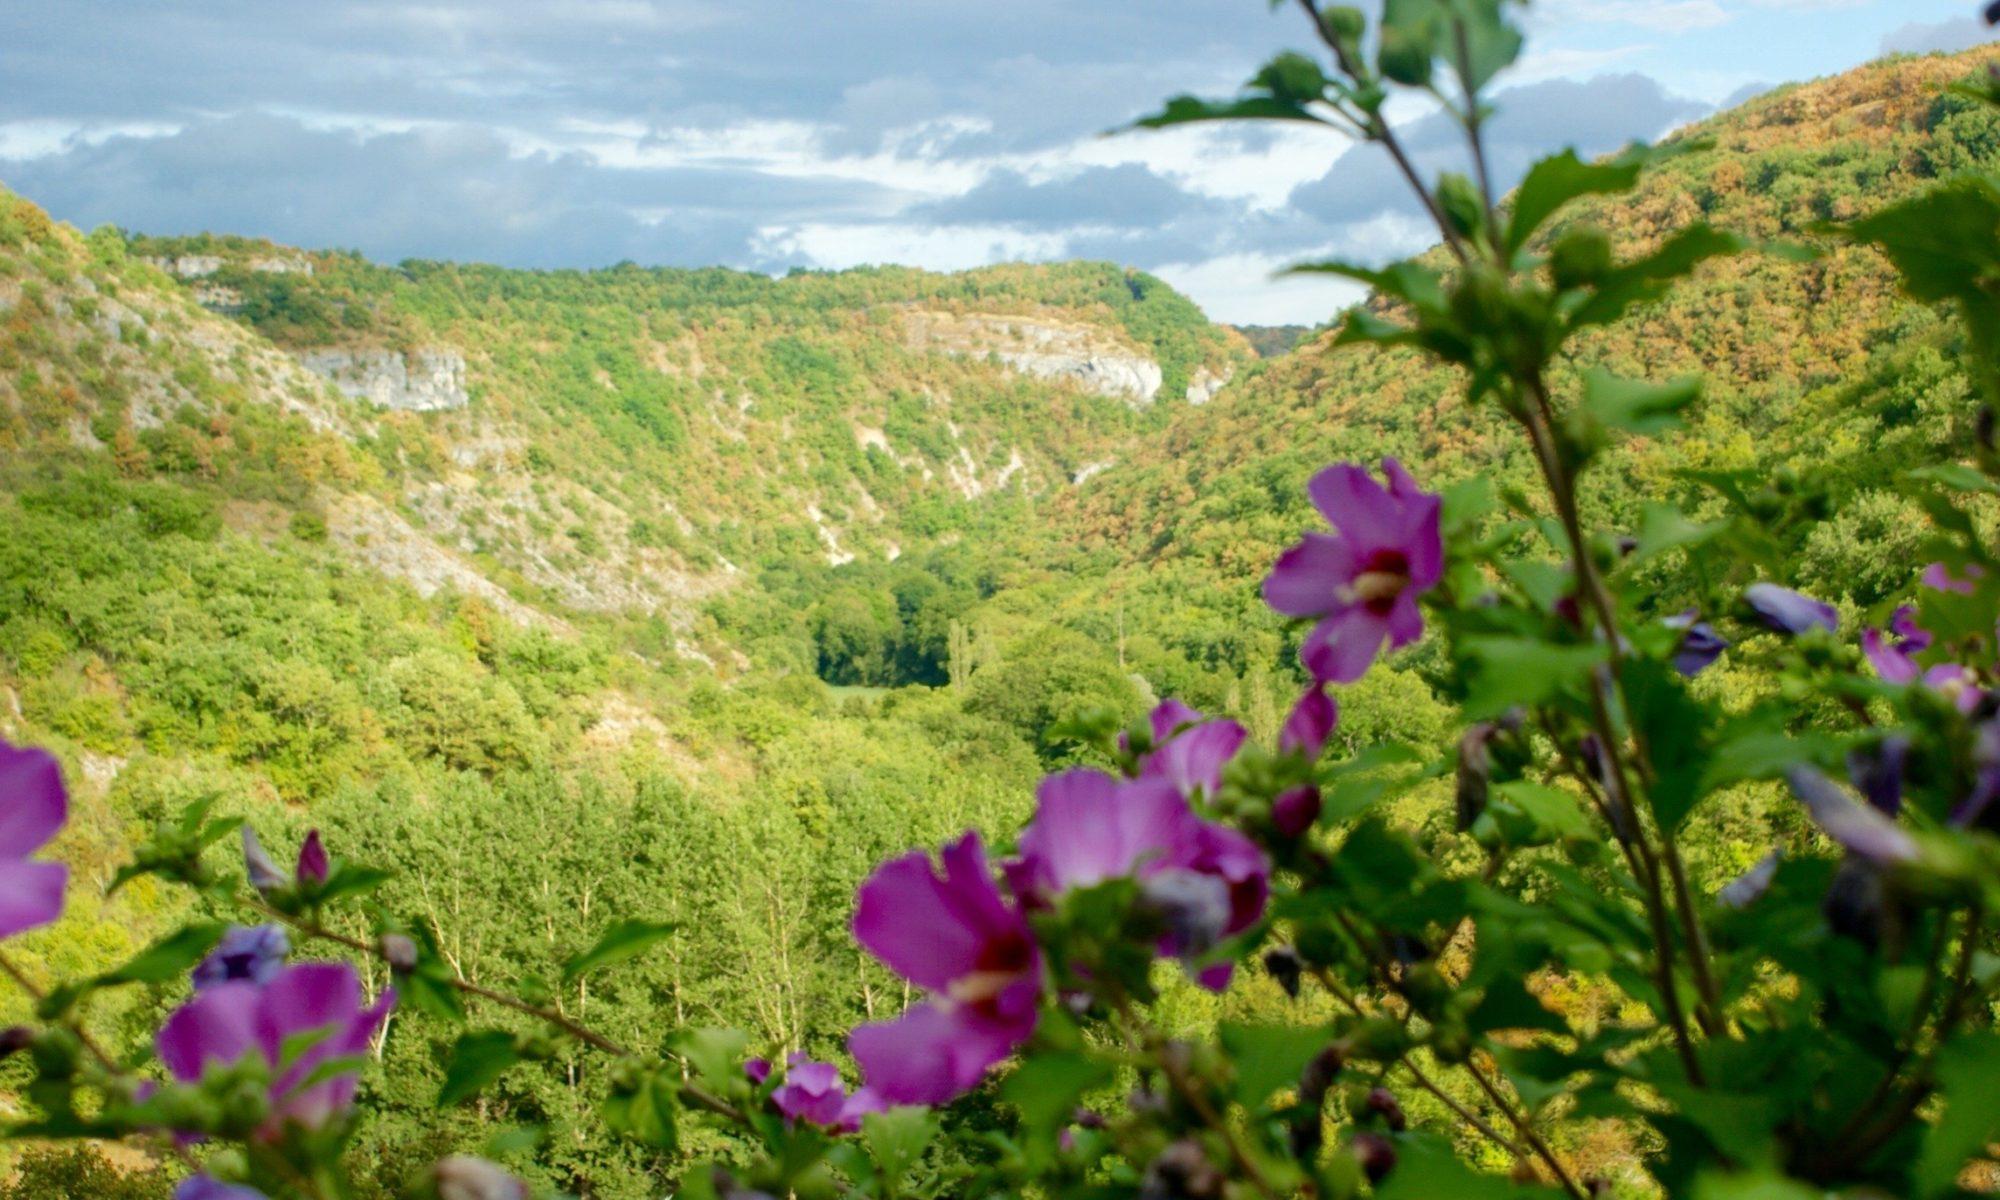 Du lot la dordogne 5 le belv d re une vue couper - Les jardins de la louve rocamadour ...